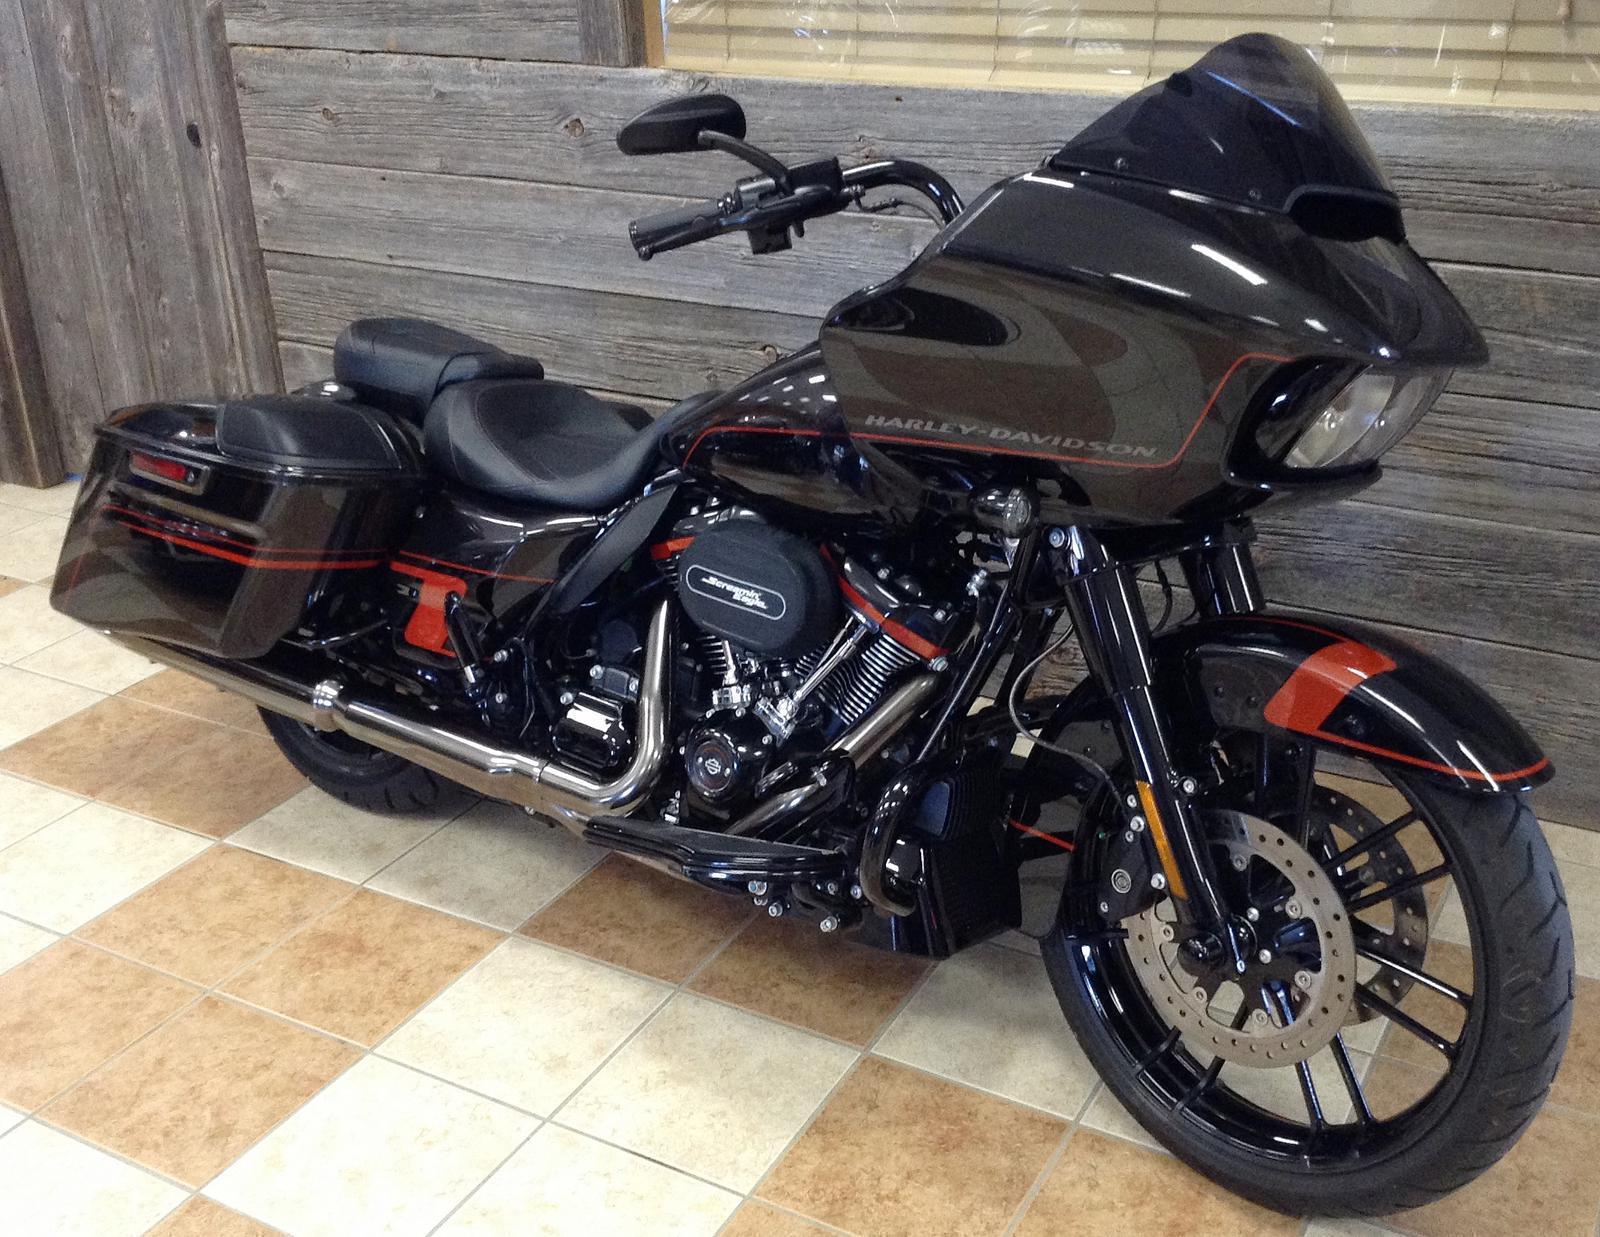 2018 Harley-Davidson® CVO™ Road Glide® - Custom Color Option